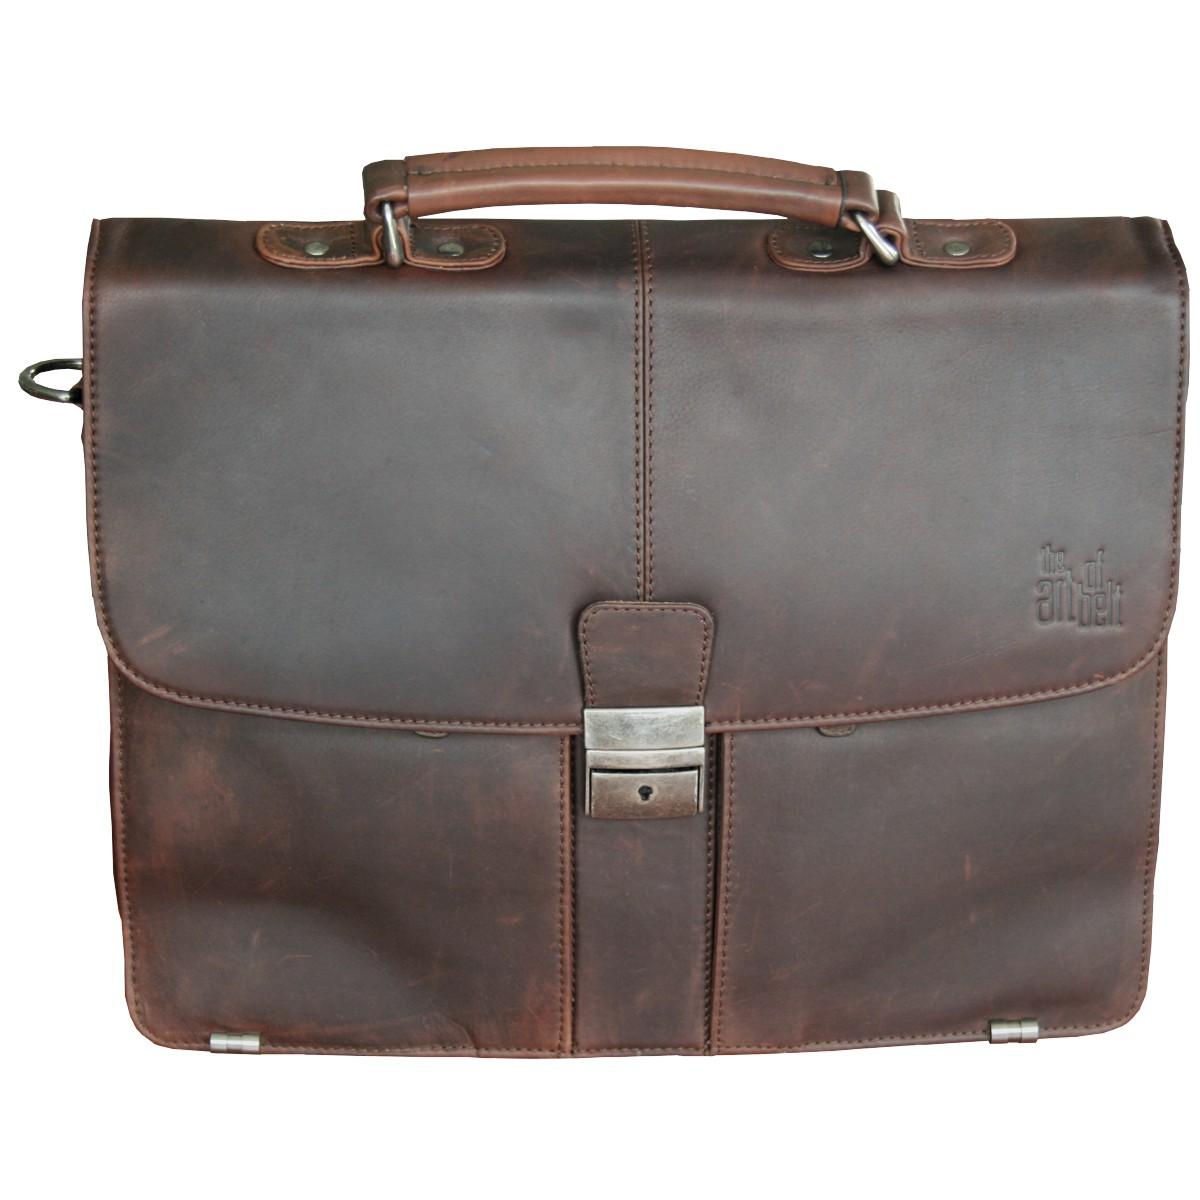 LINDENMANN The Art of Belt Herren Tasche   Herrentasche, antikem Rindleder,  Business, dunkelbraun 66282cd17a